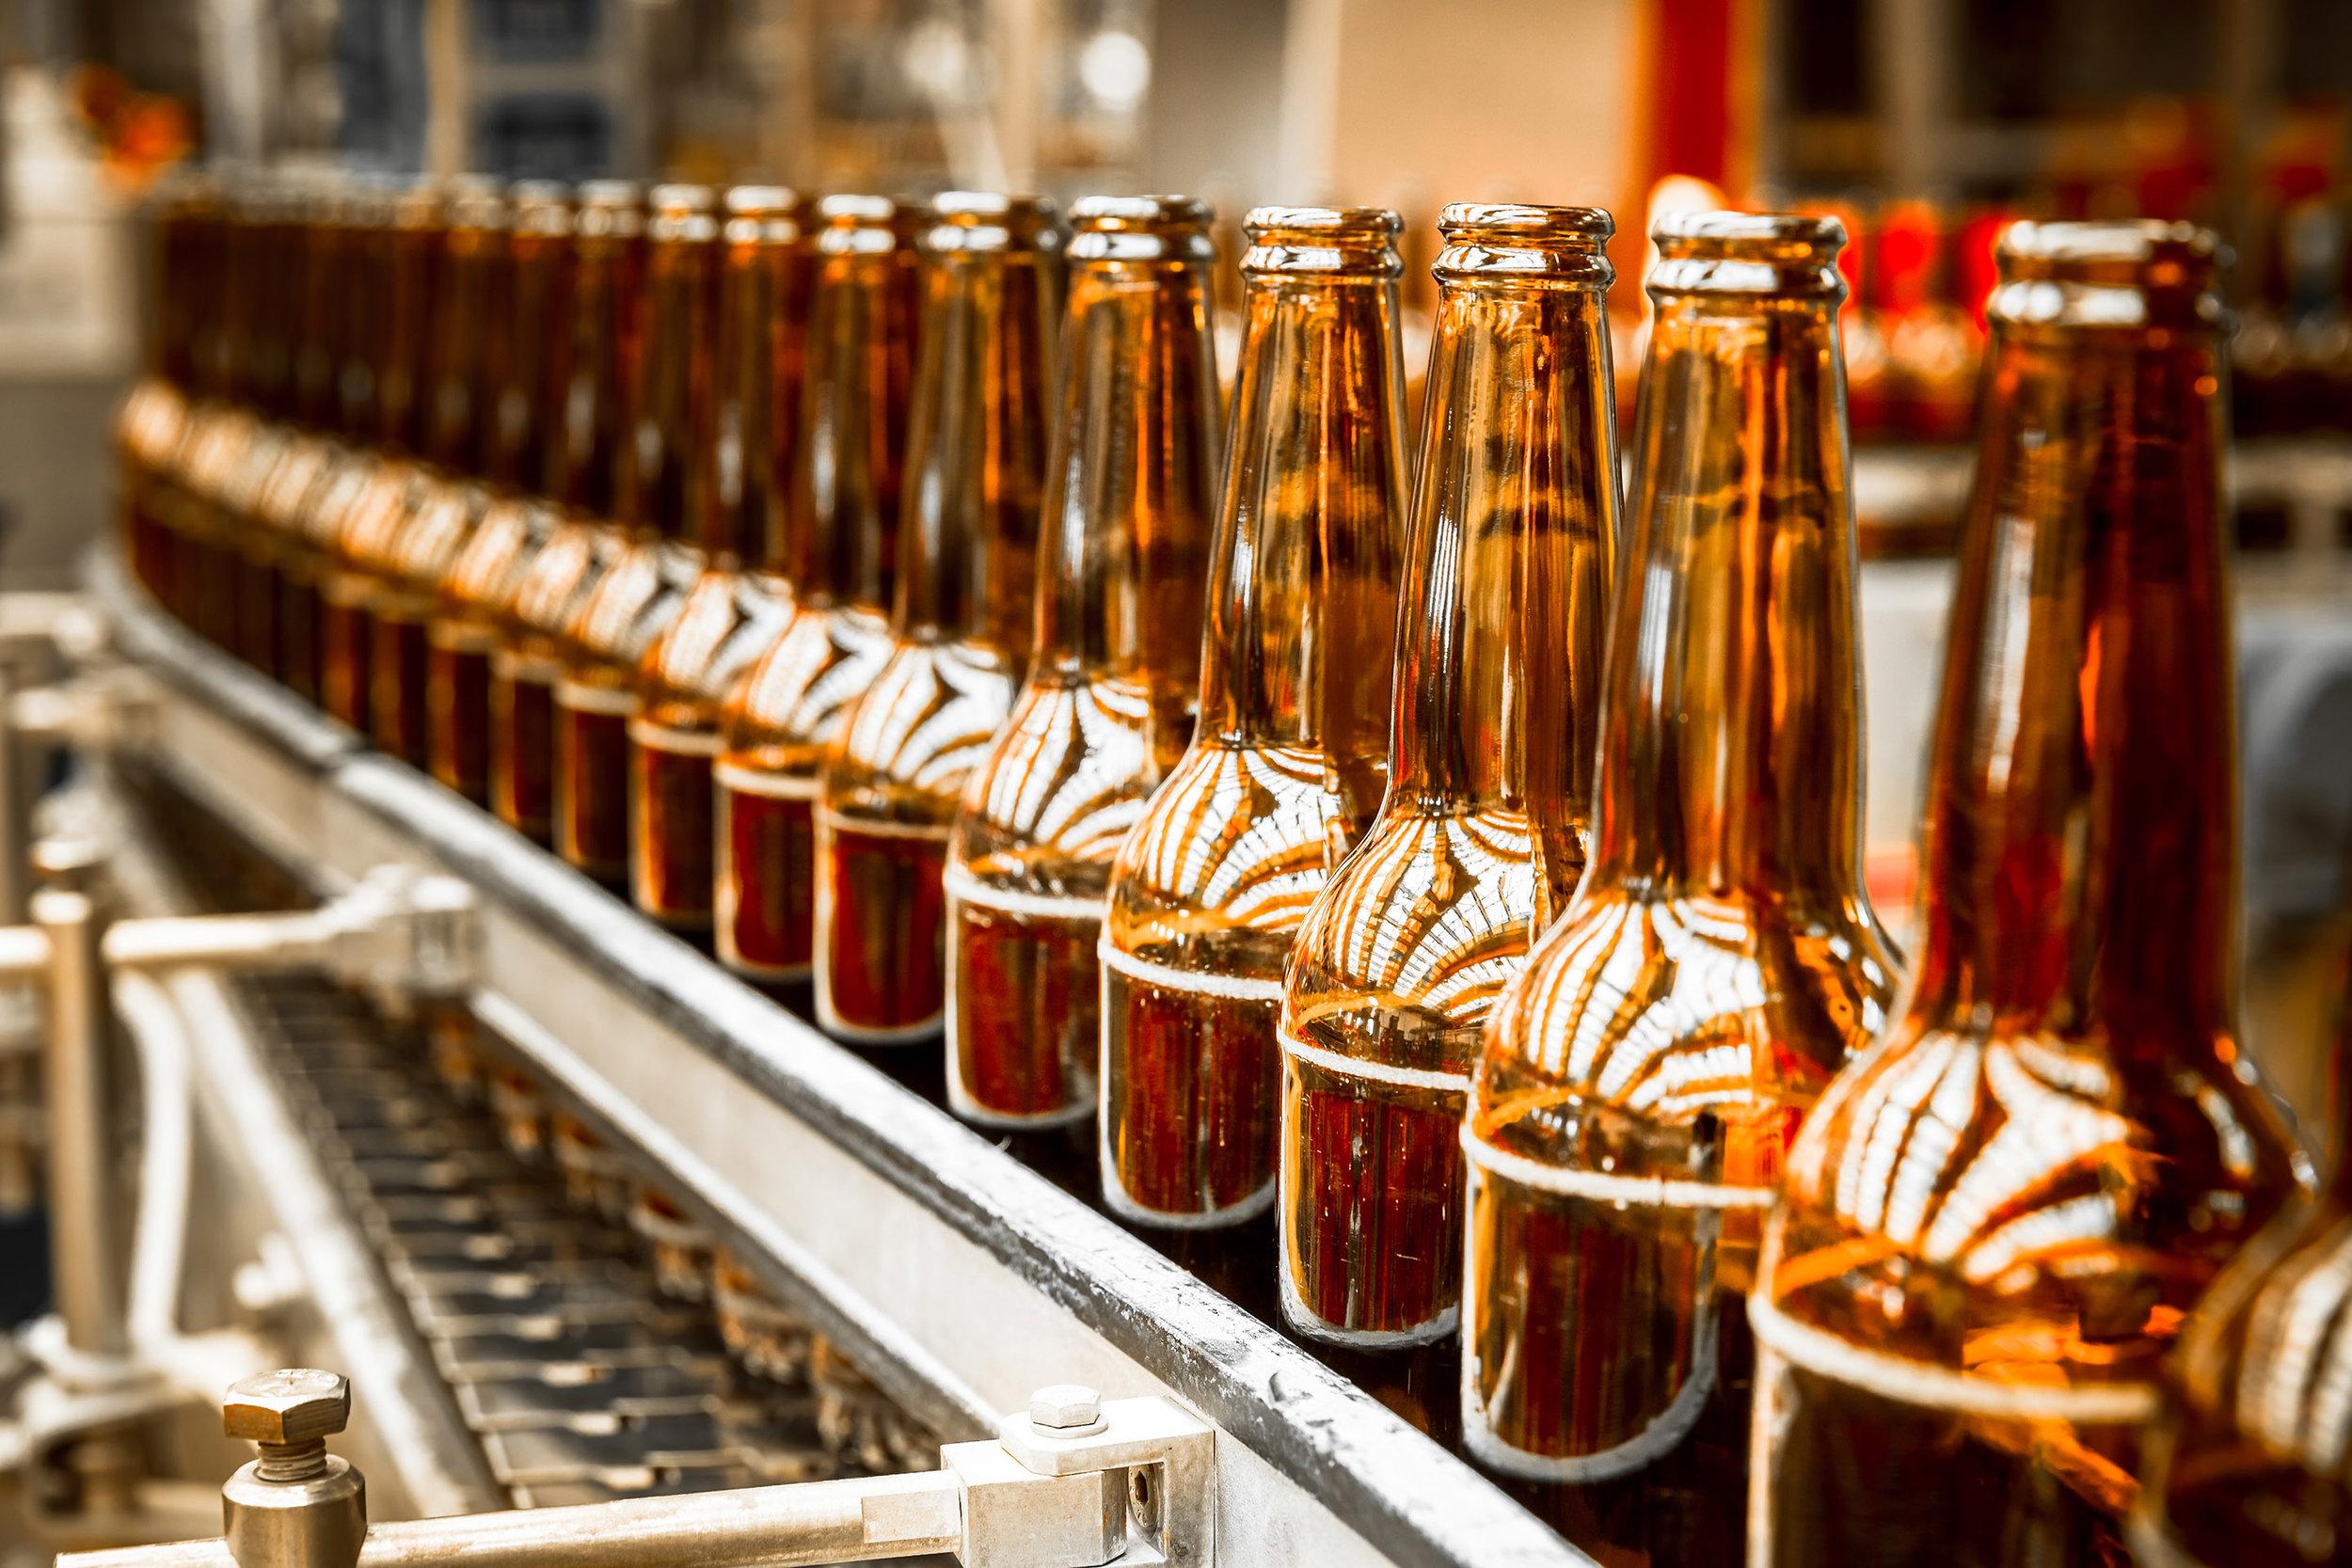 Food Processing_Bottles.jpg